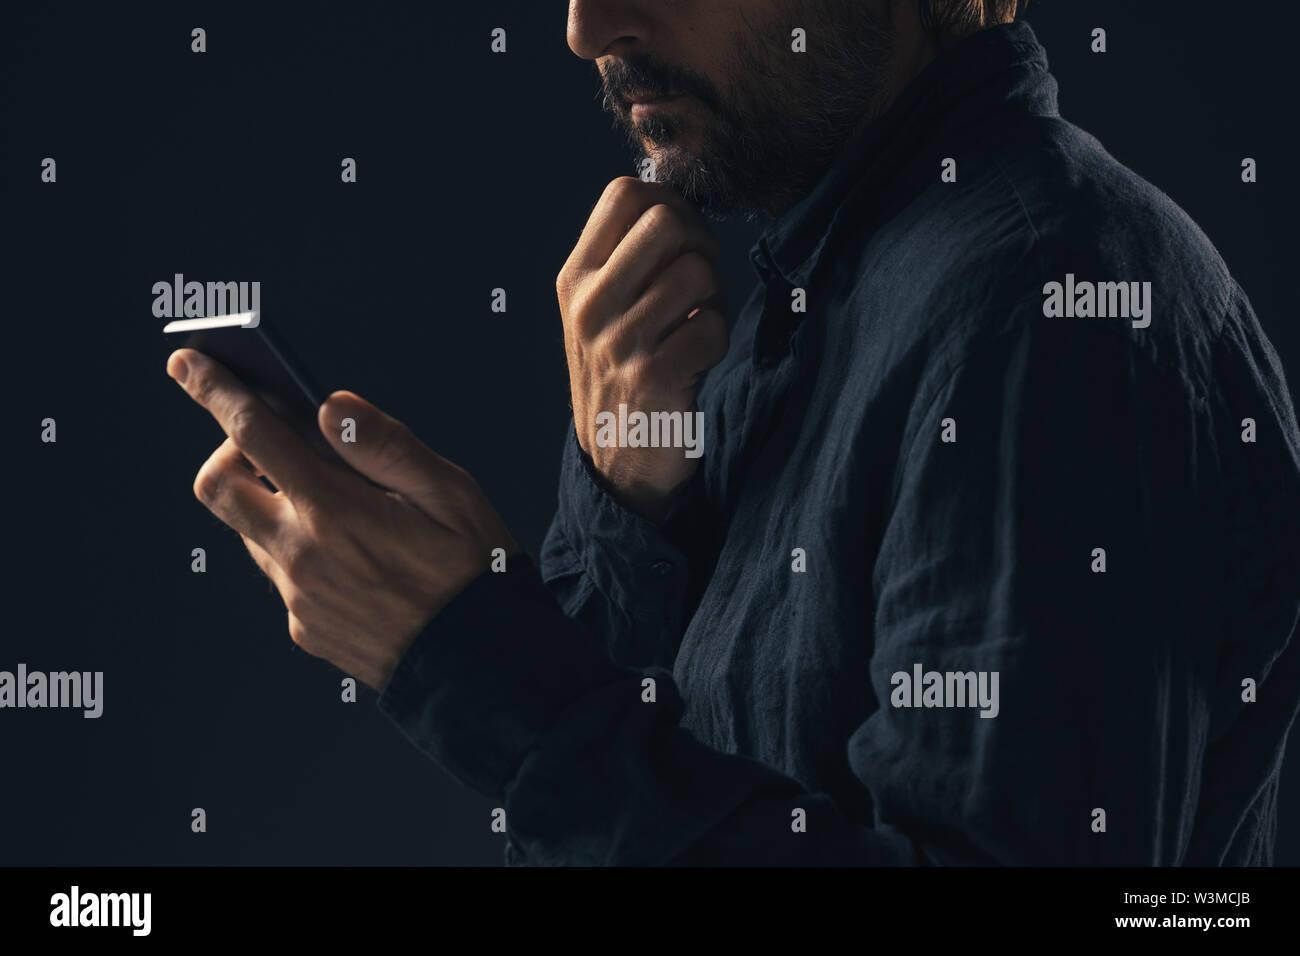 Reflexivo preocupado el hombre está leyendo el texto del mensaje en el smartphone Imagen De Stock